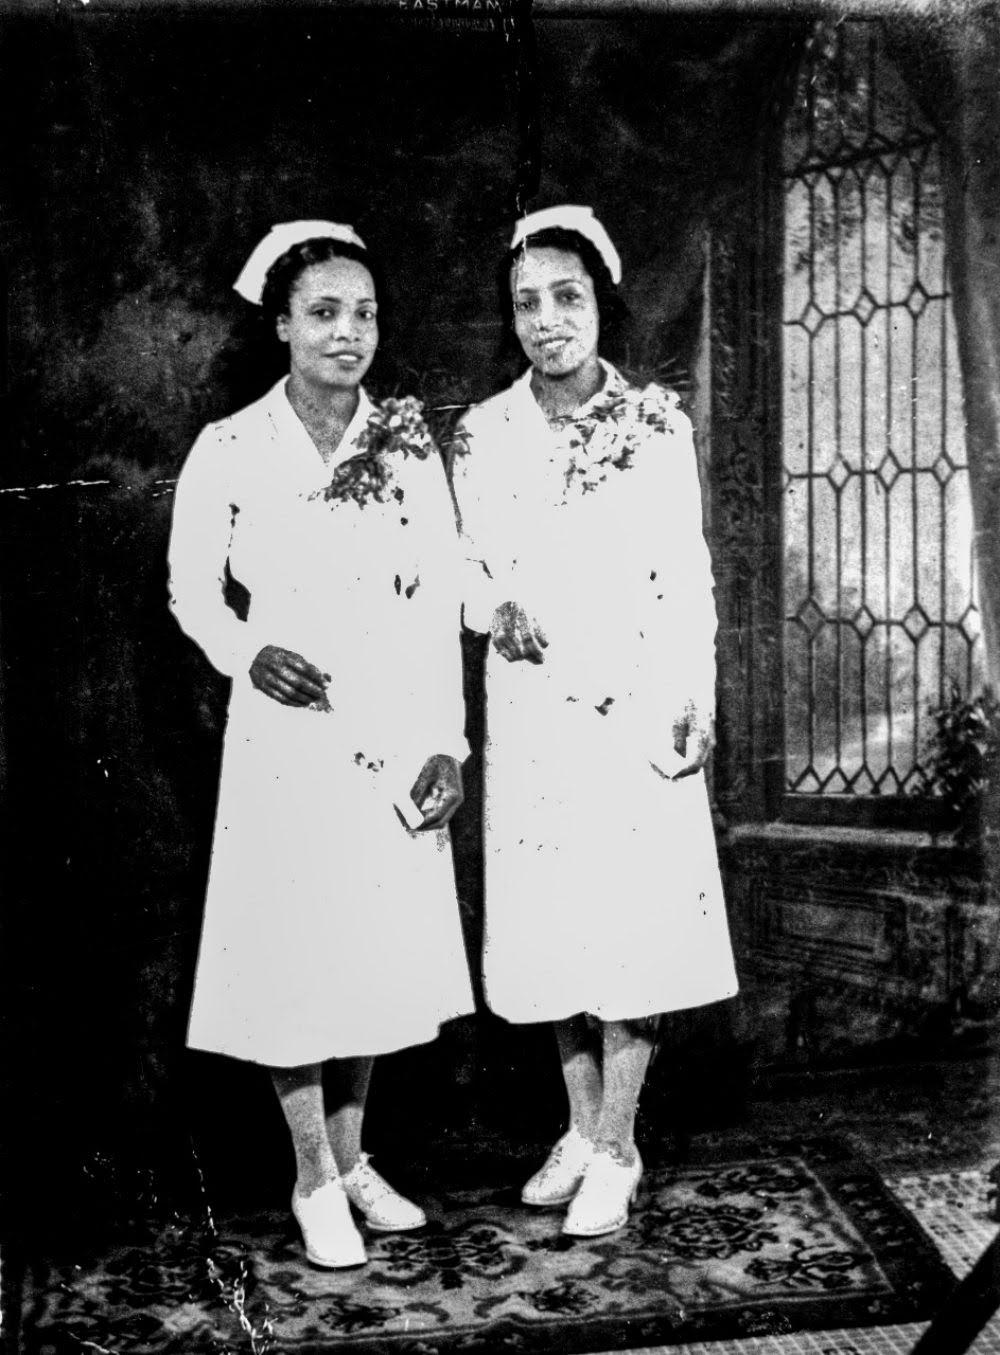 St. Jude Nurse Helped Pioneer Sickle Cell Disease Research